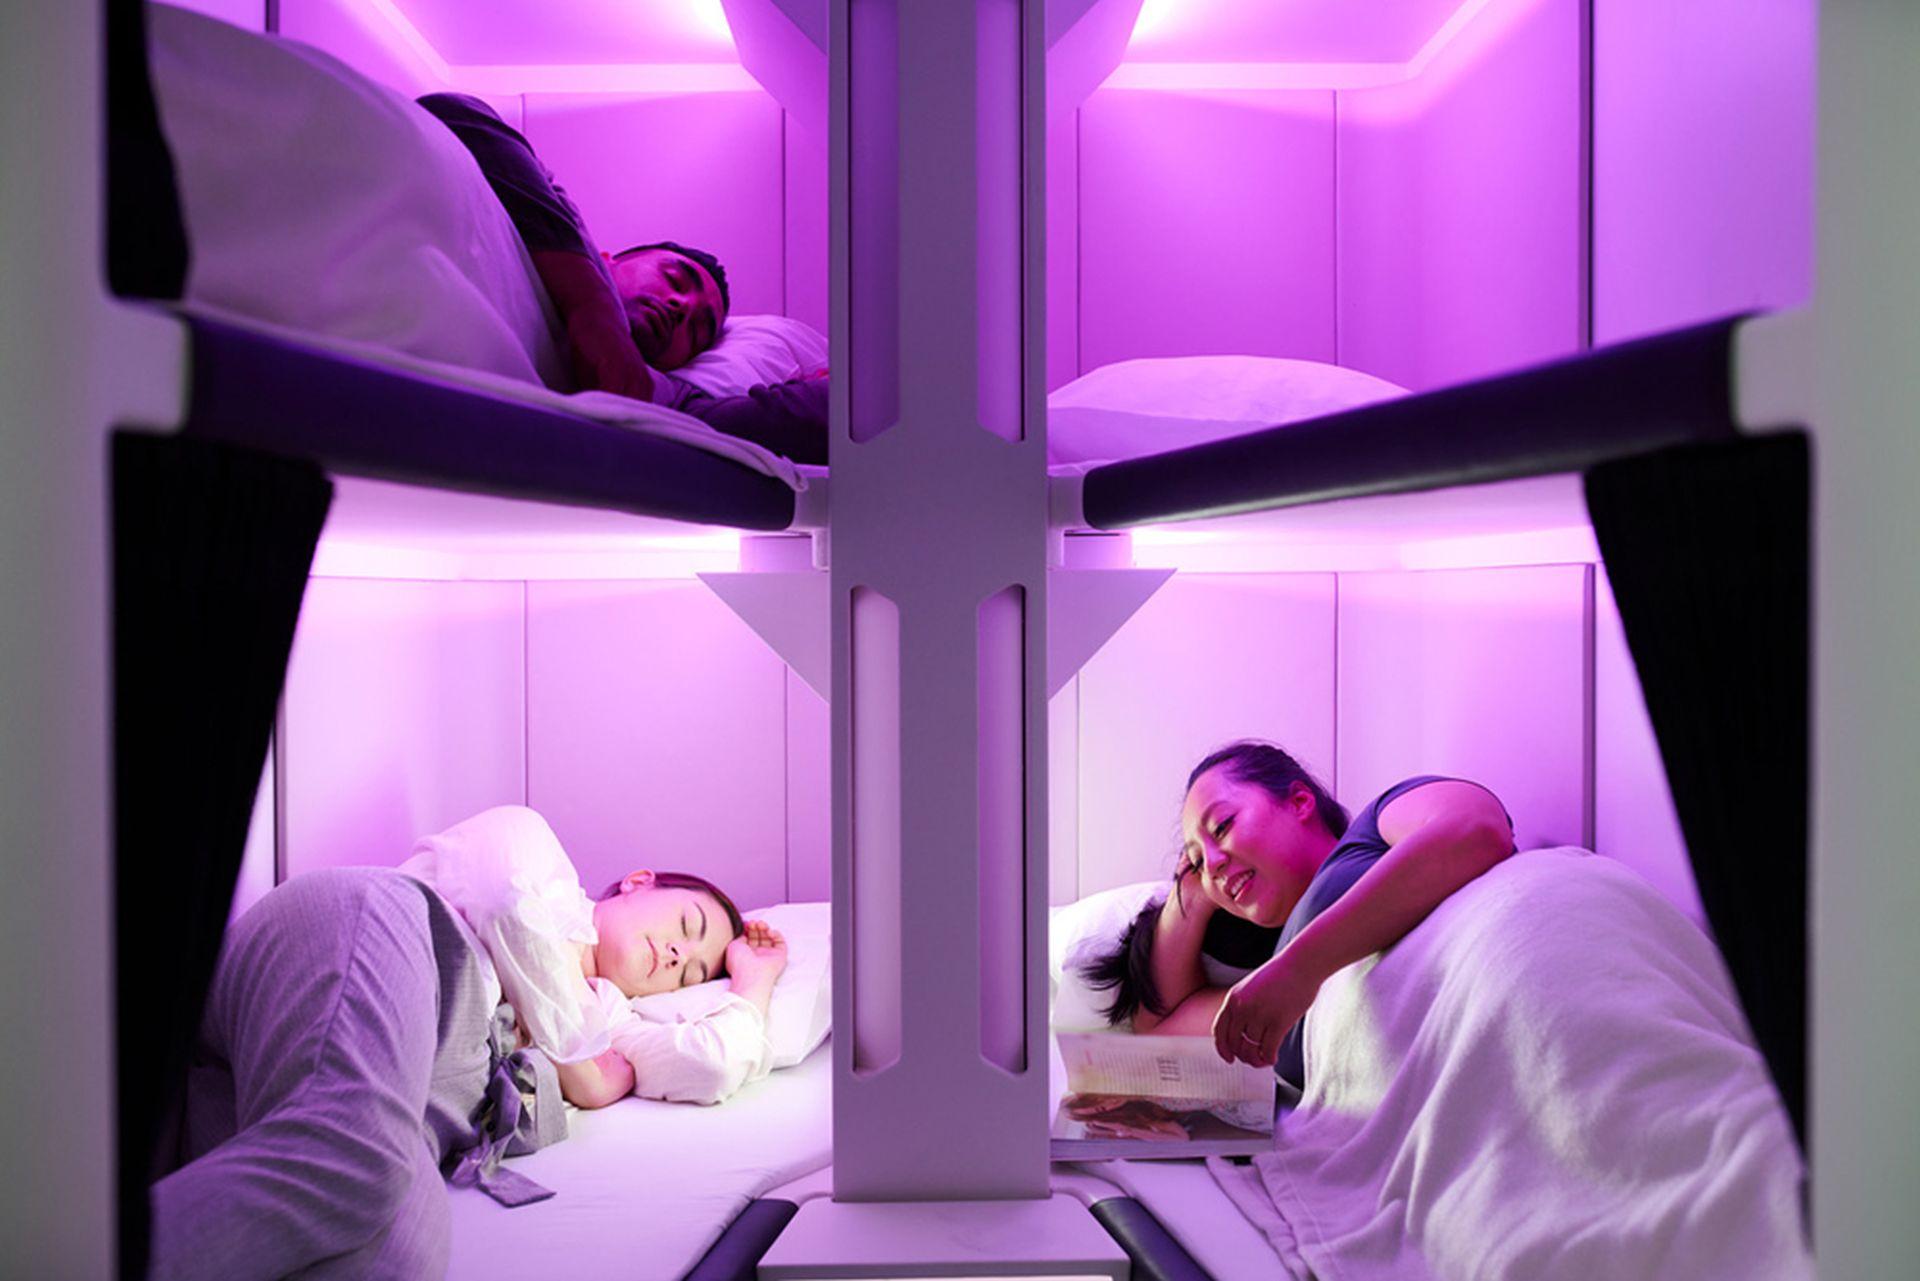 Economy Skynest, nový koncept spaní v ekonomické třídě. Foto: Air New Zealand